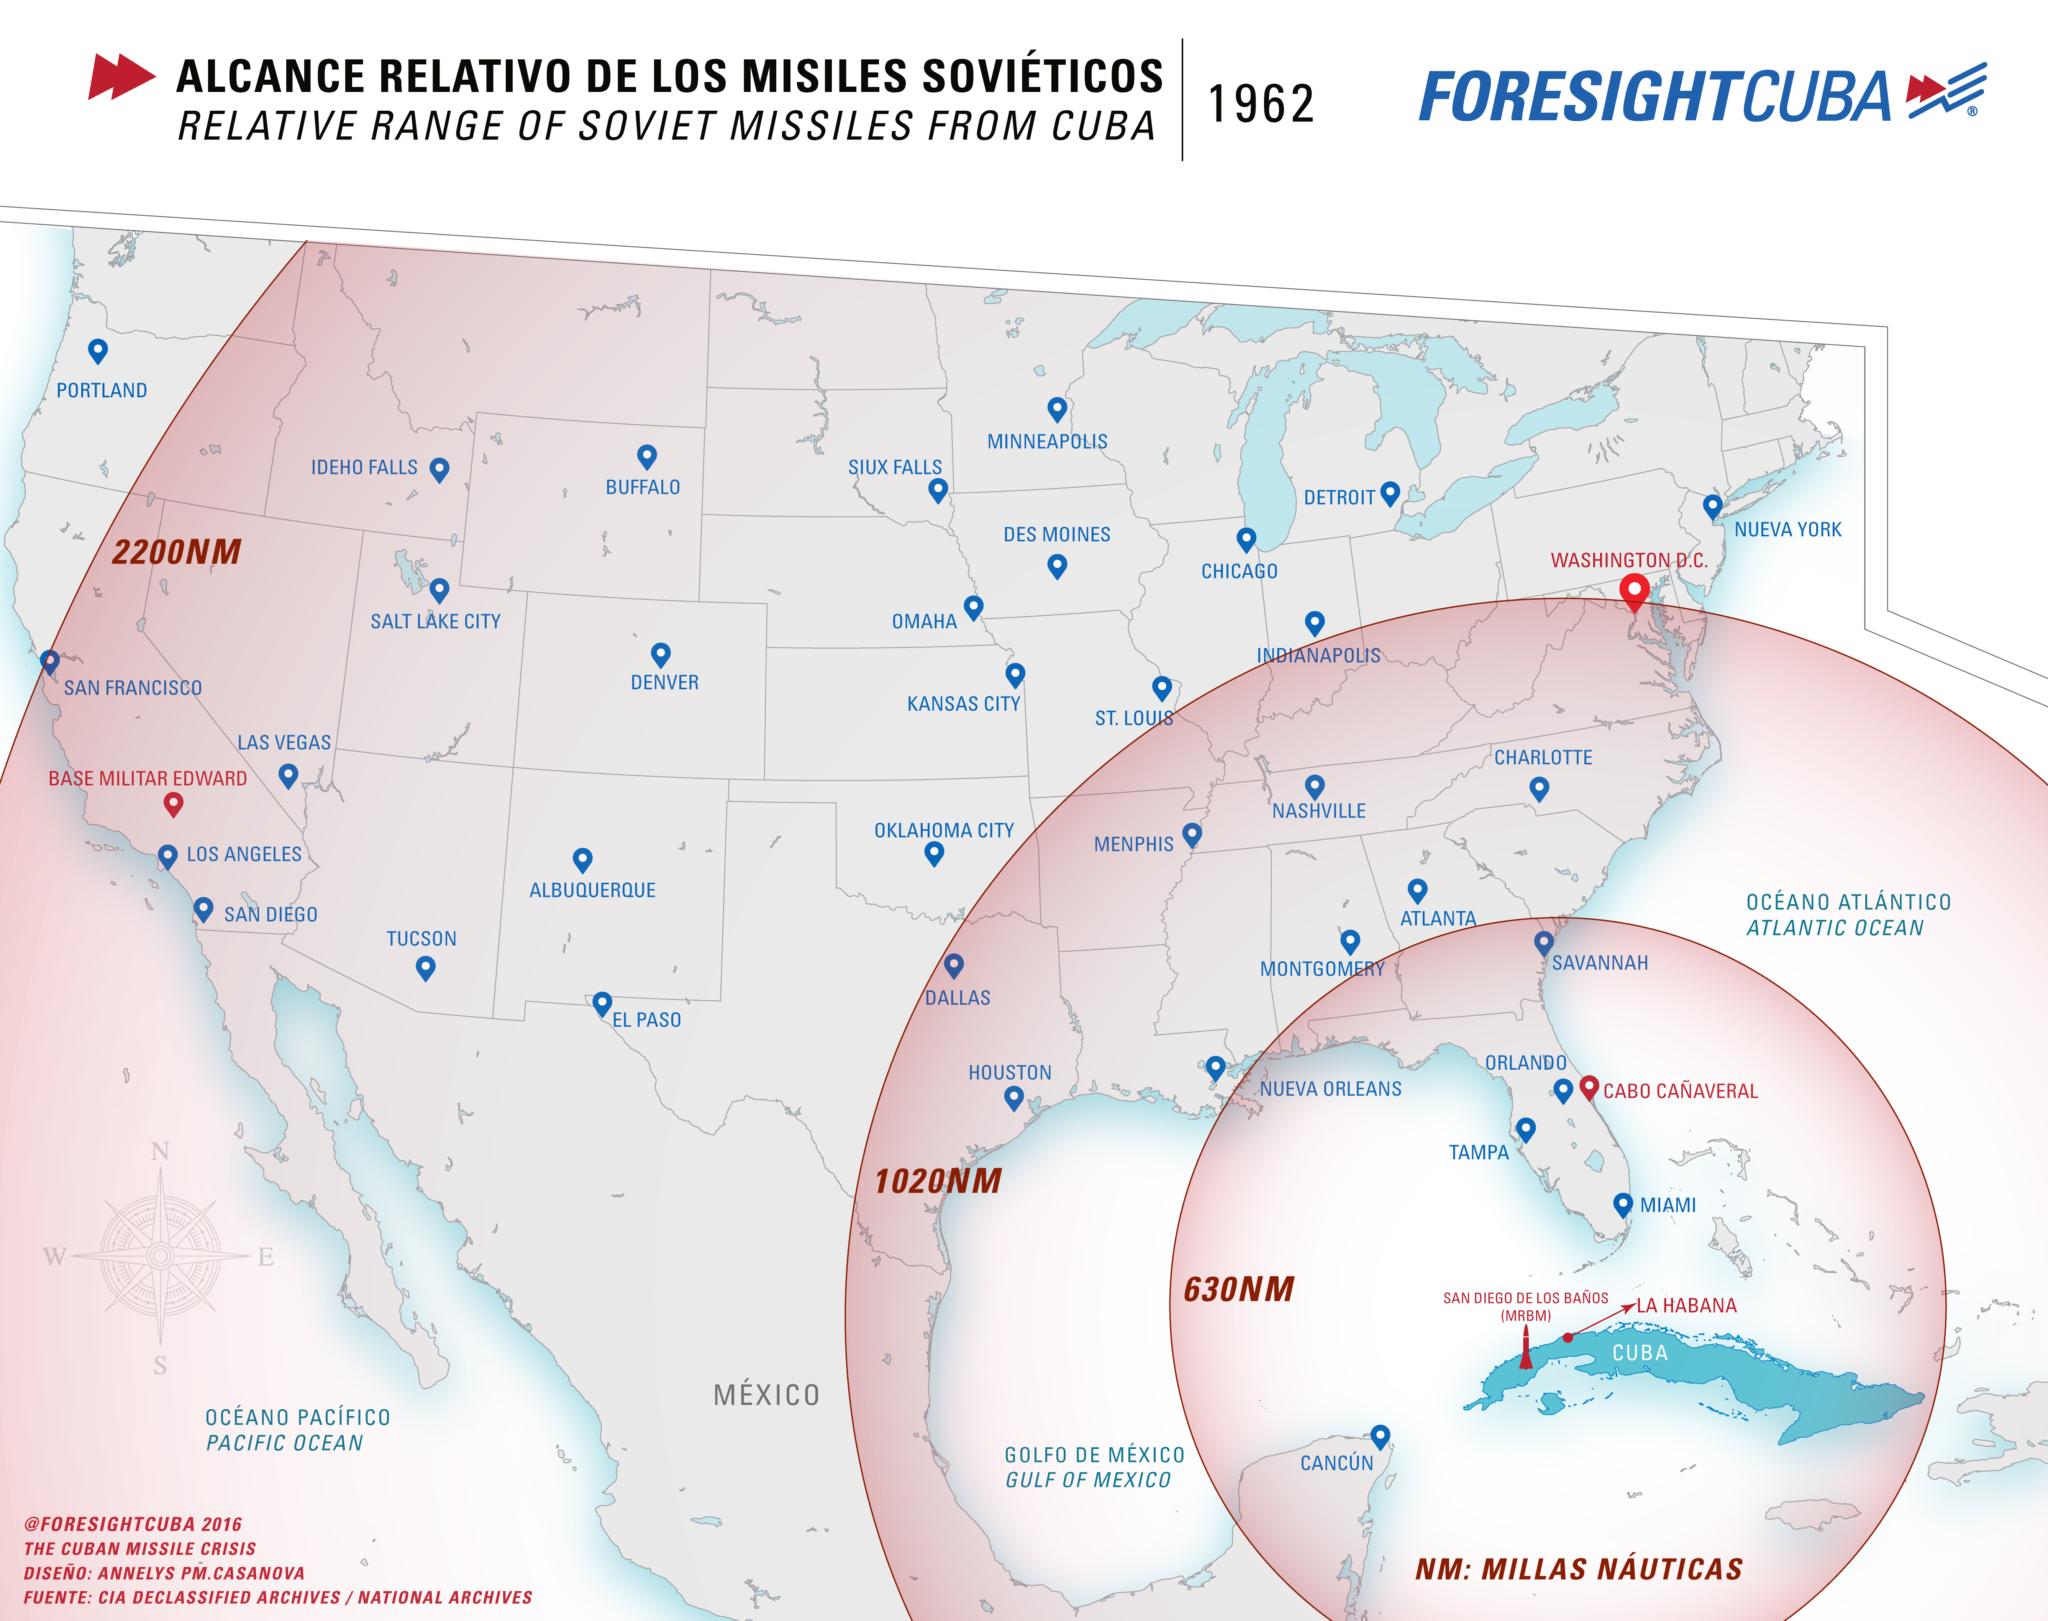 Alcance relativo de misiles soviéticos a EEUU. Fuentees: CIA y los Archivos Nacionales. 1962